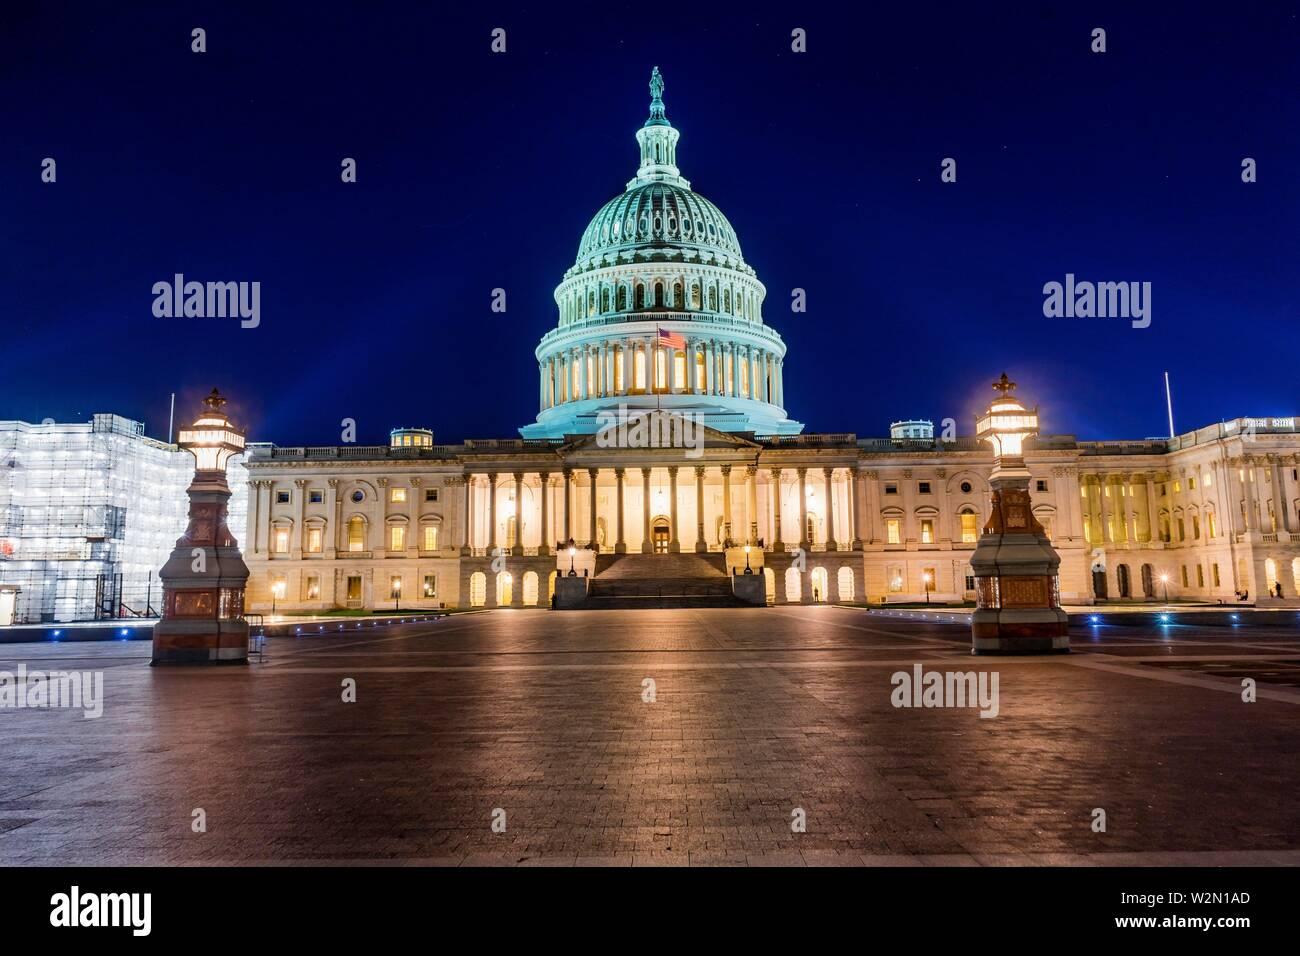 Capitole du côté nord de la Chambre des représentants du Congrès Sénat Capitale nuit étoiles Washington DC. Banque D'Images